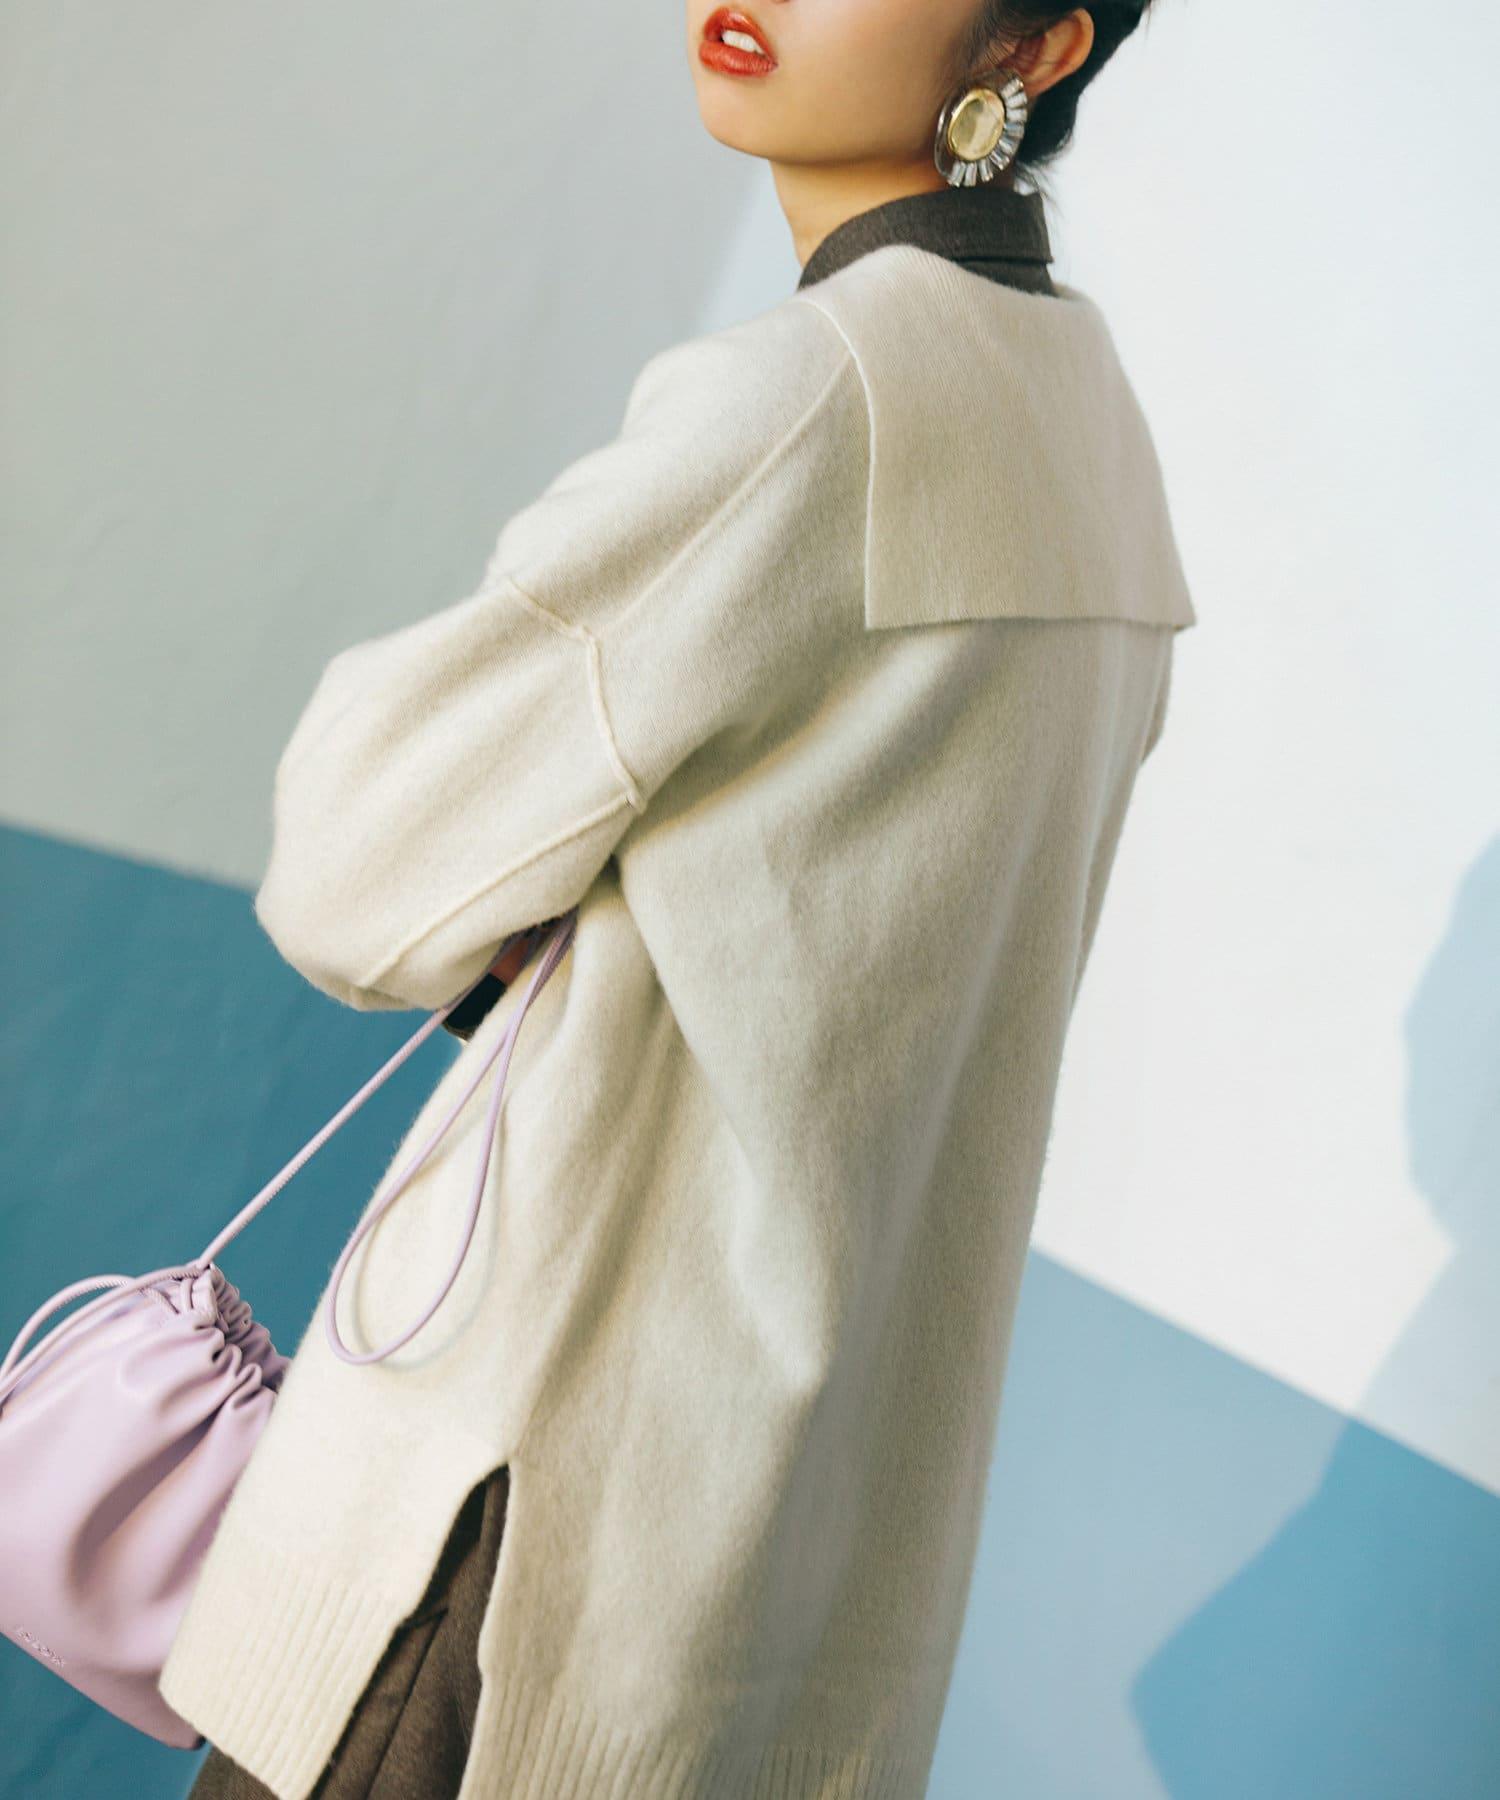 La boutique BonBon(ラブティックボンボン) 《予約》【COZスタイル・トレンドのビッグカラーが進化】セーラーカラーニット